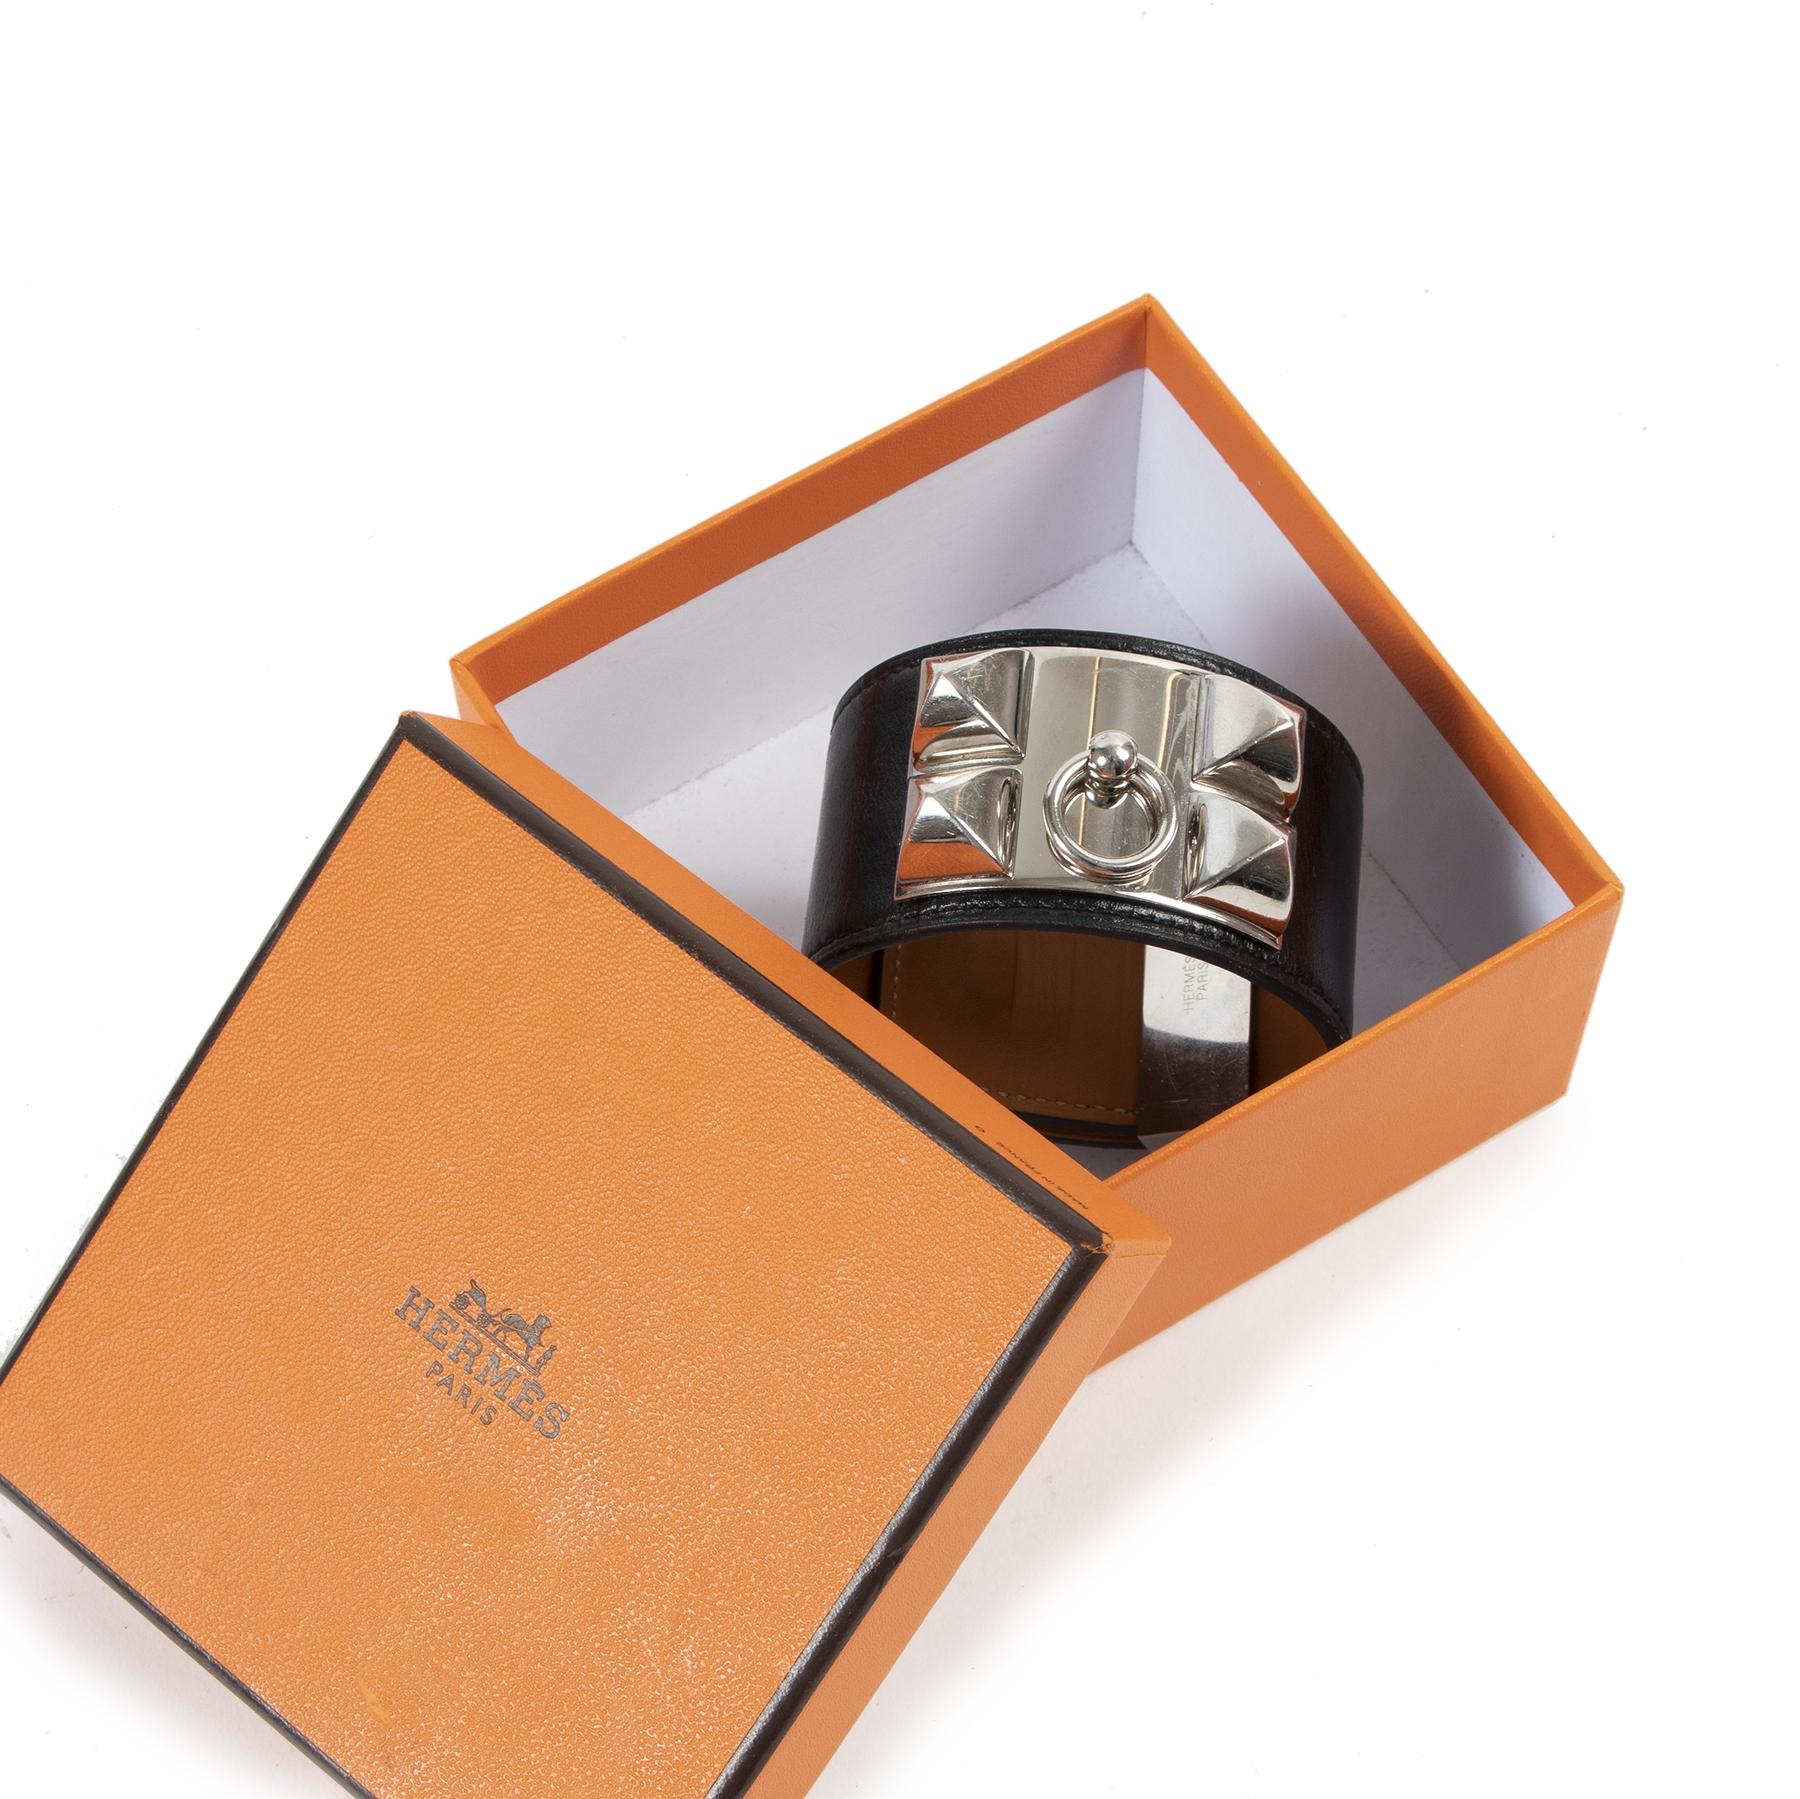 Authentic secondhand Hermès Black Leather Collier De Chien Bracelet - Size Large designer bracelets fashion luxury vintage webshop safe secure online shopping